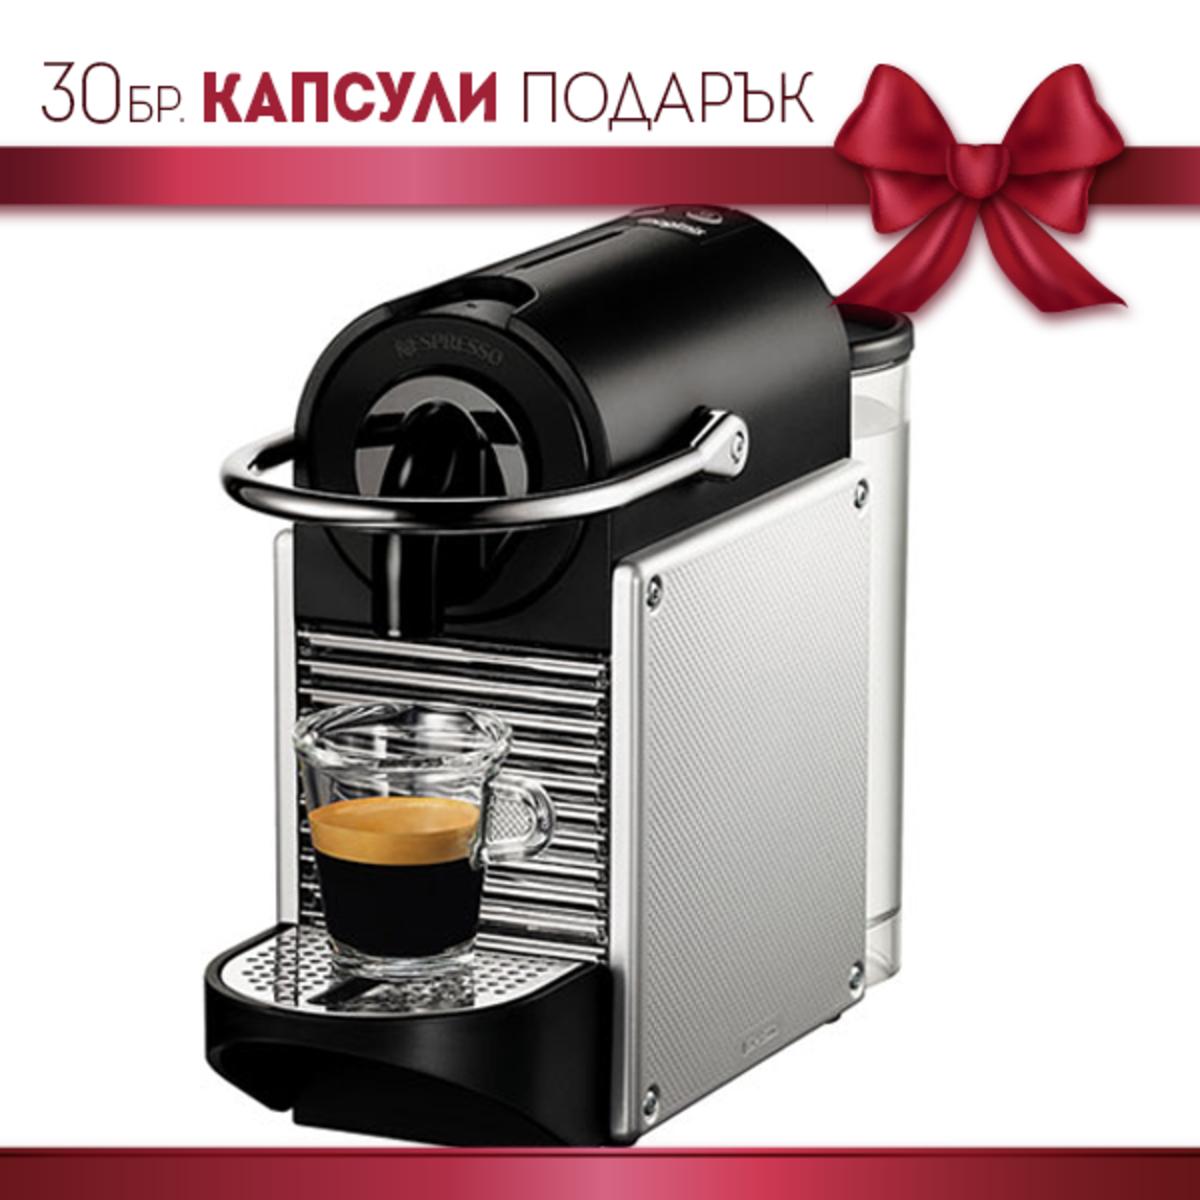 Nespresso Pixie Grey + подарък 30бр капсули асорти